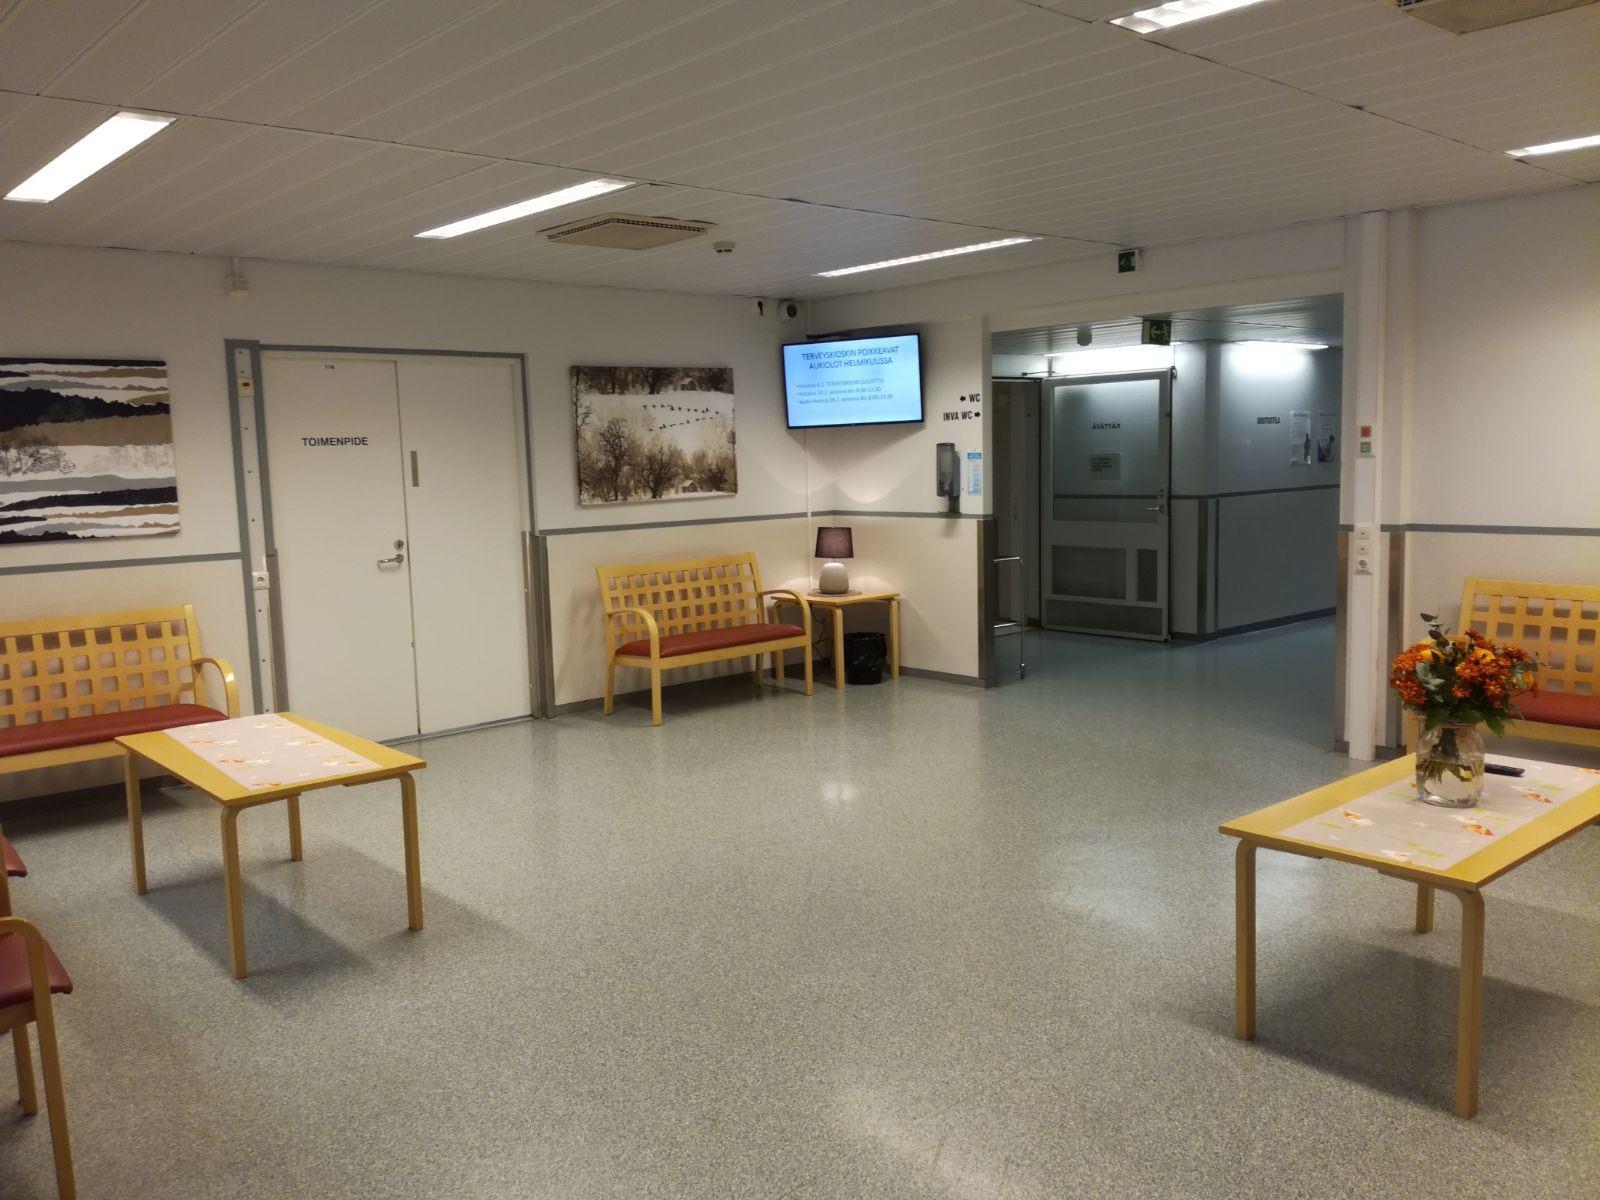 Kiirevastaanoton odotushuoneen kuva